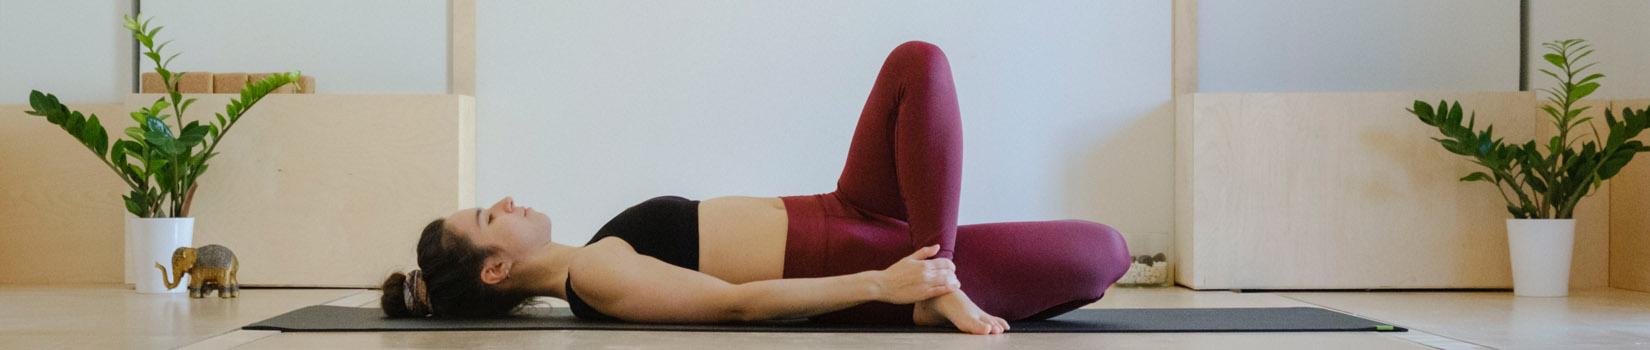 Yoga Eirini